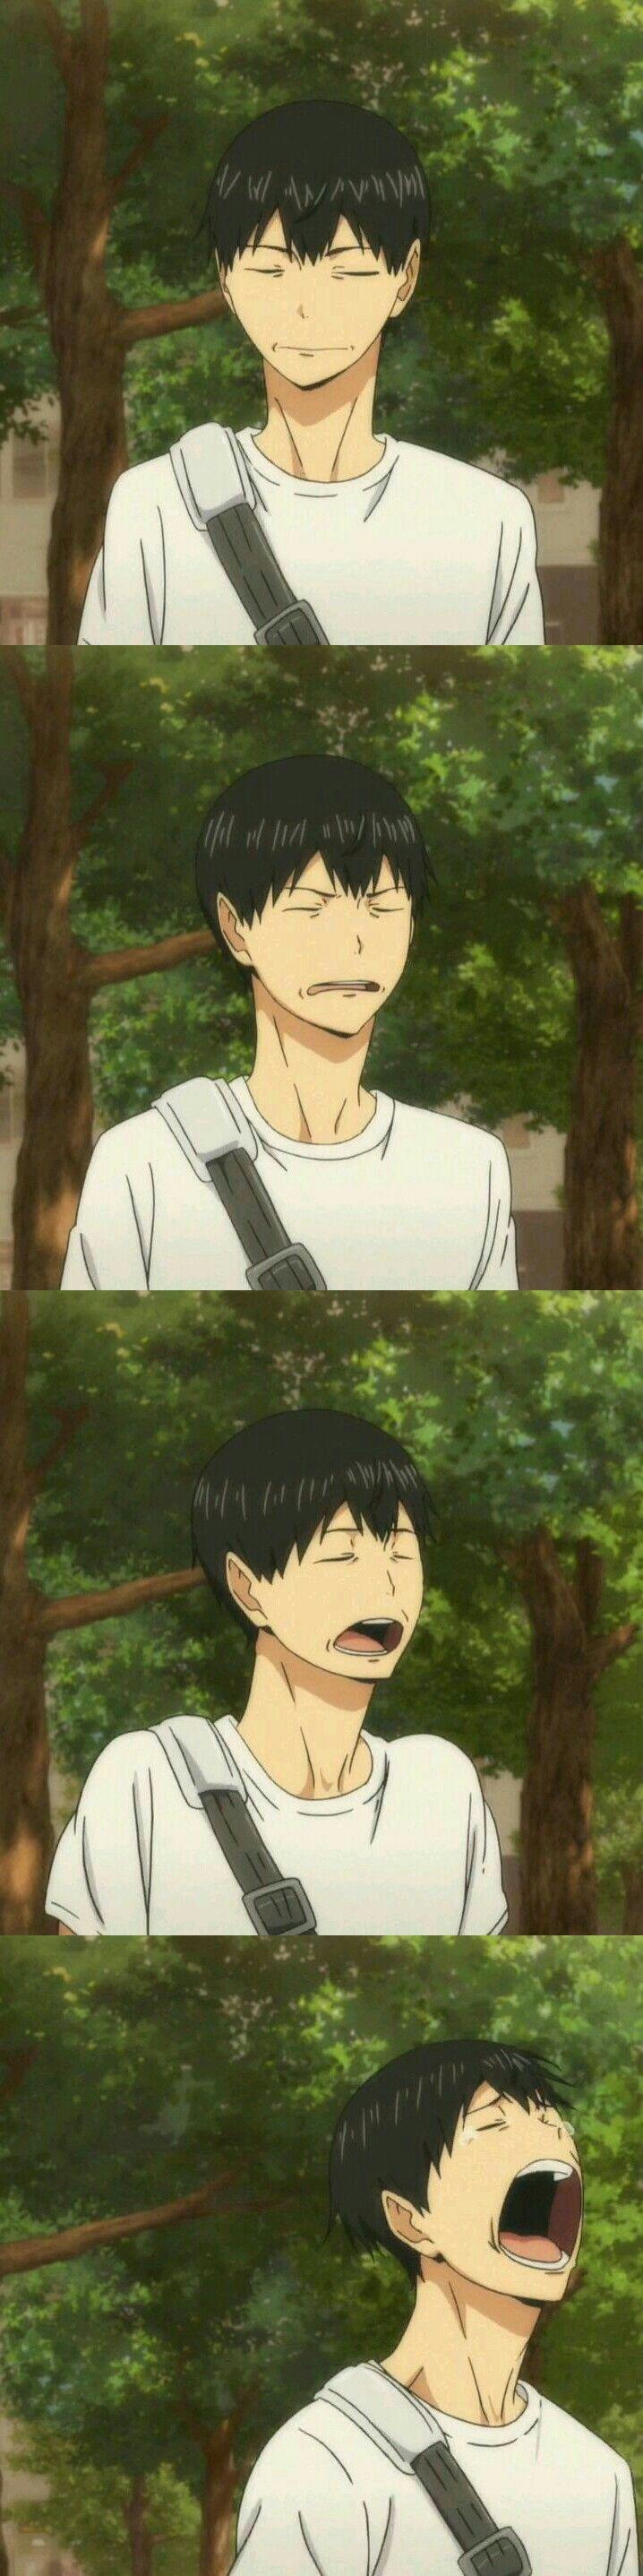 Kageyama Tobio / Haikyuu!! / #anime